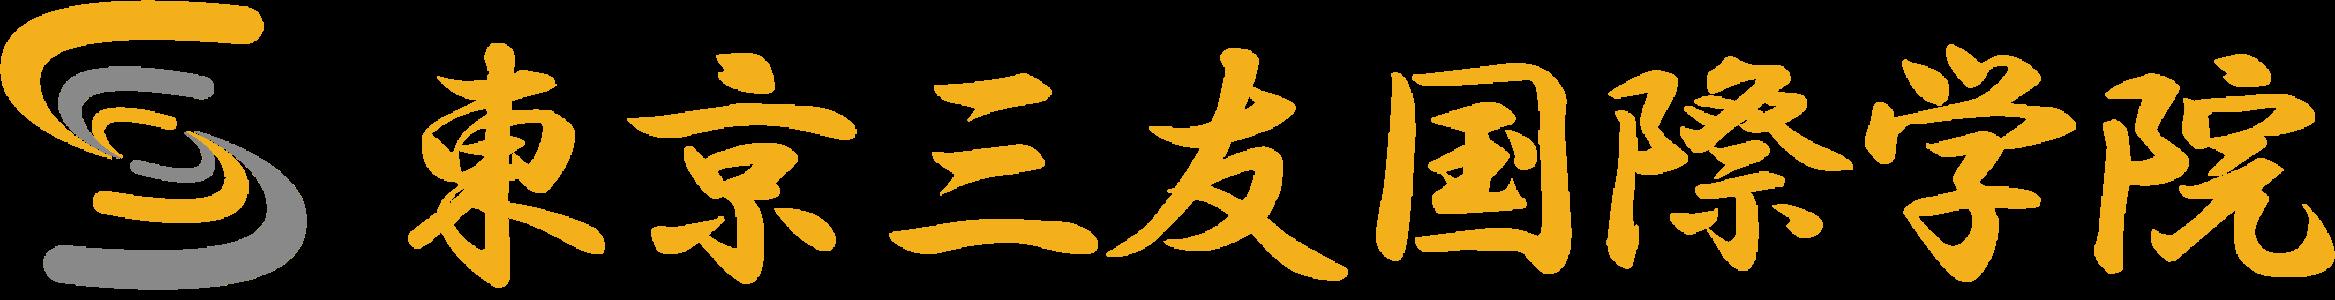 東京三友国際学院-东京三友国际学院